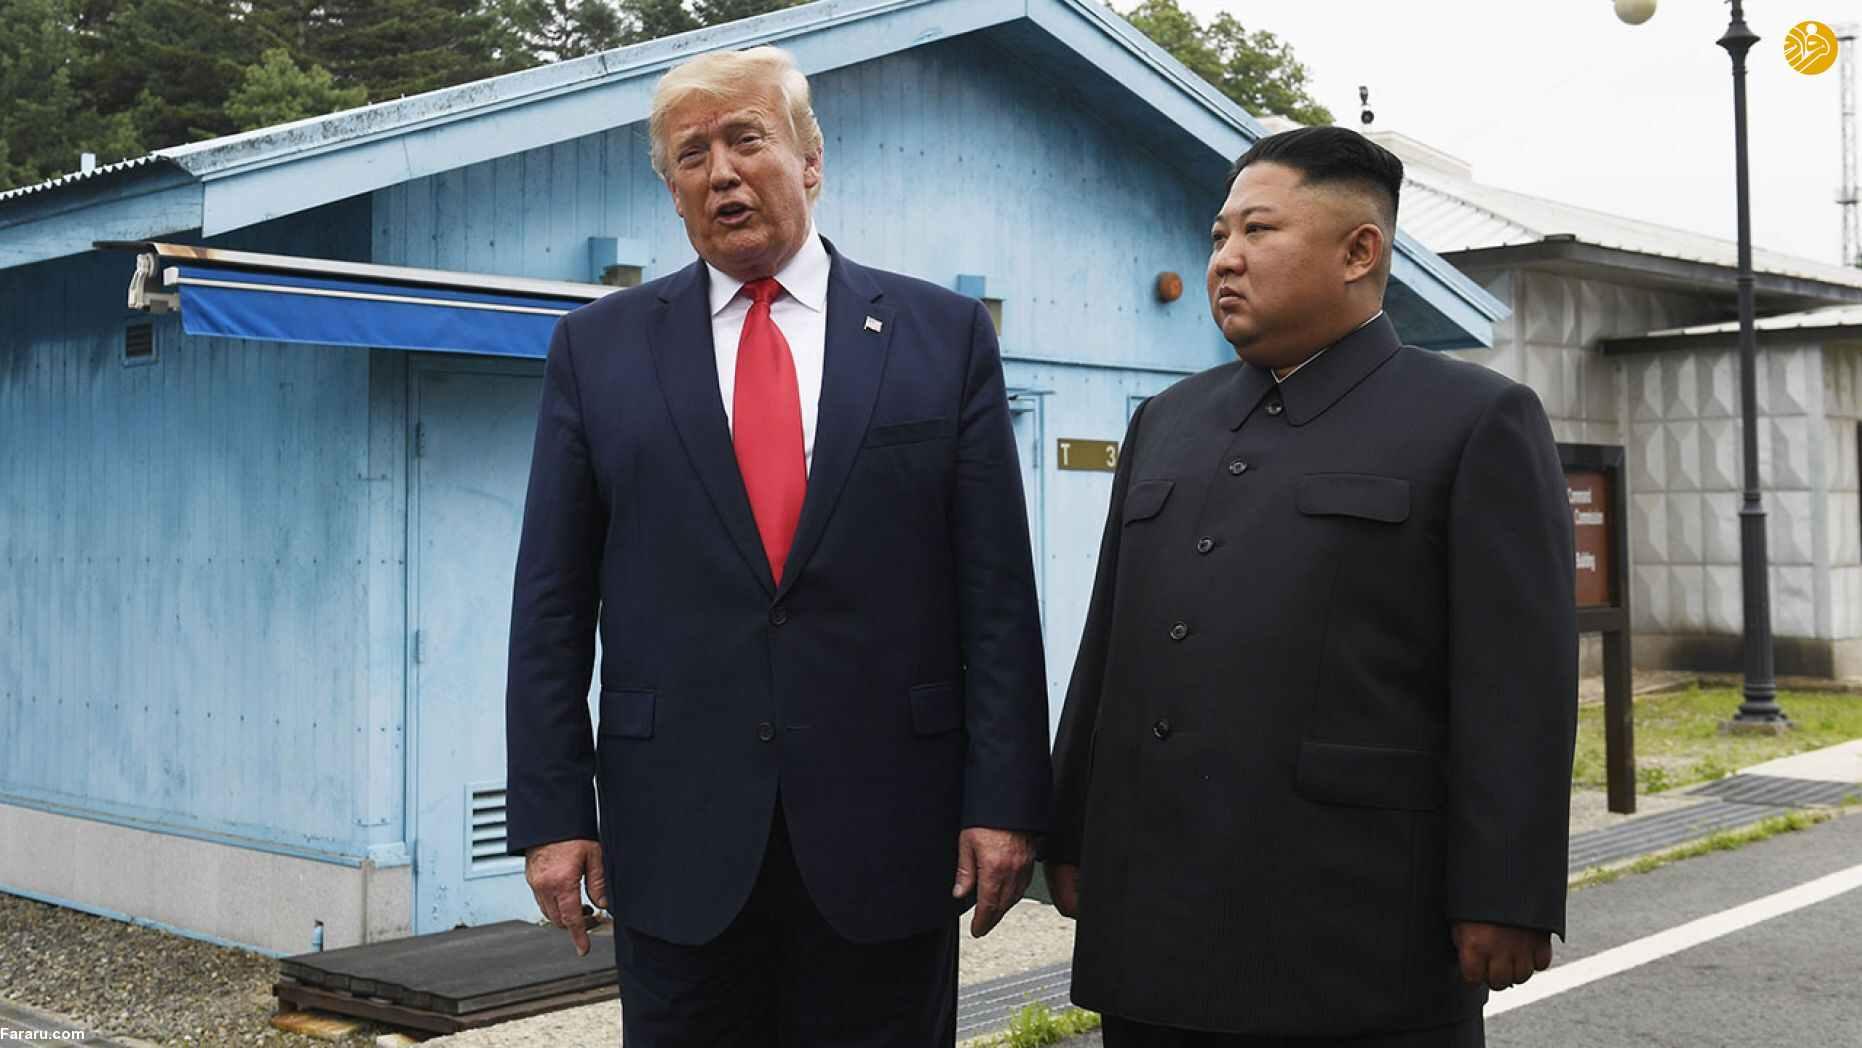 دیدار ترامپ و کیم؛ خلع سلاح هستهای با عشق!